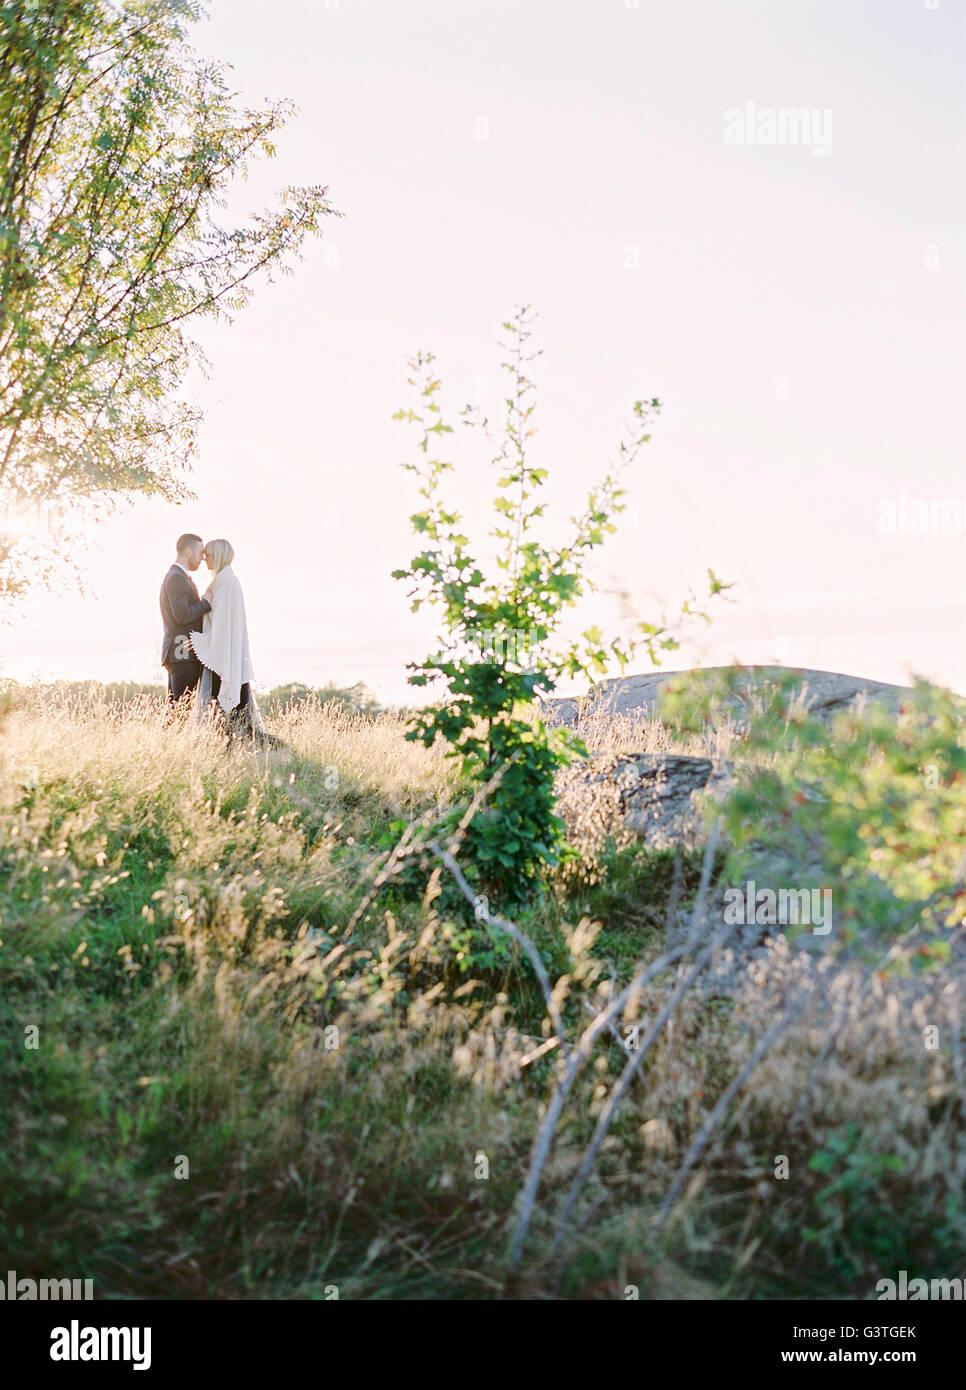 La Suède, la jeune mariée et se toilettent debout face à face dans l'herbe Photo Stock